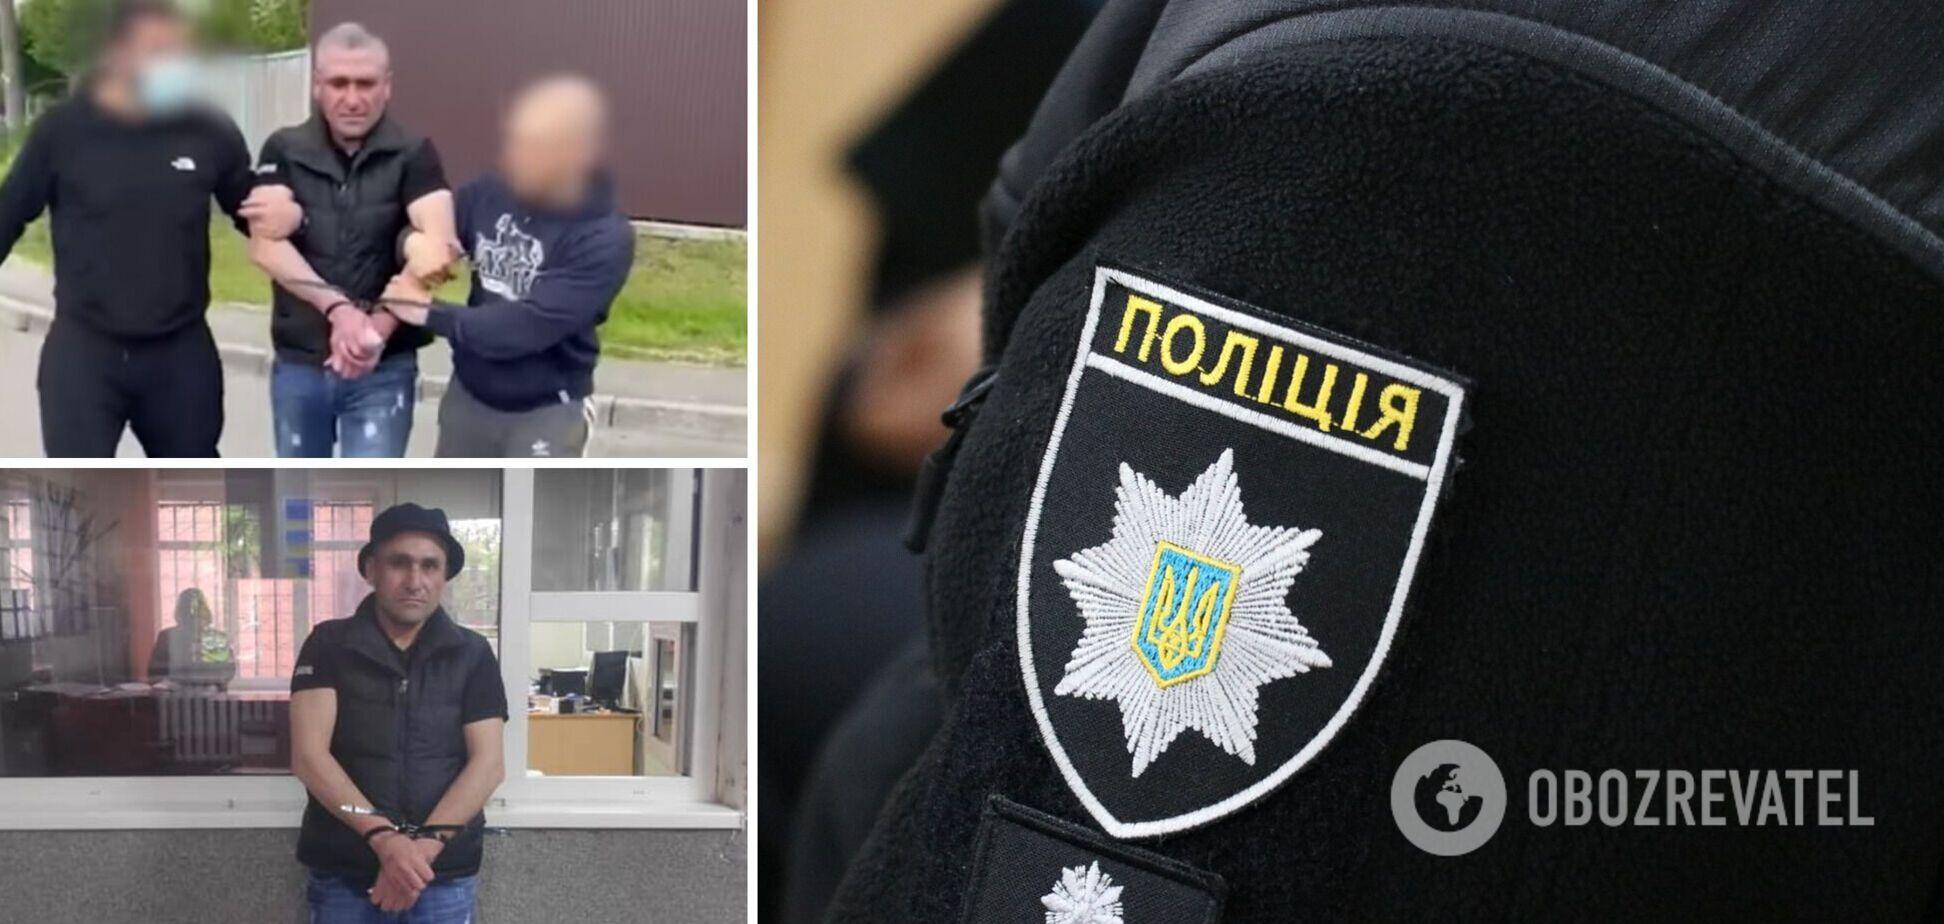 Поліція знайшла уродженця Азербайджану, що втік із суду